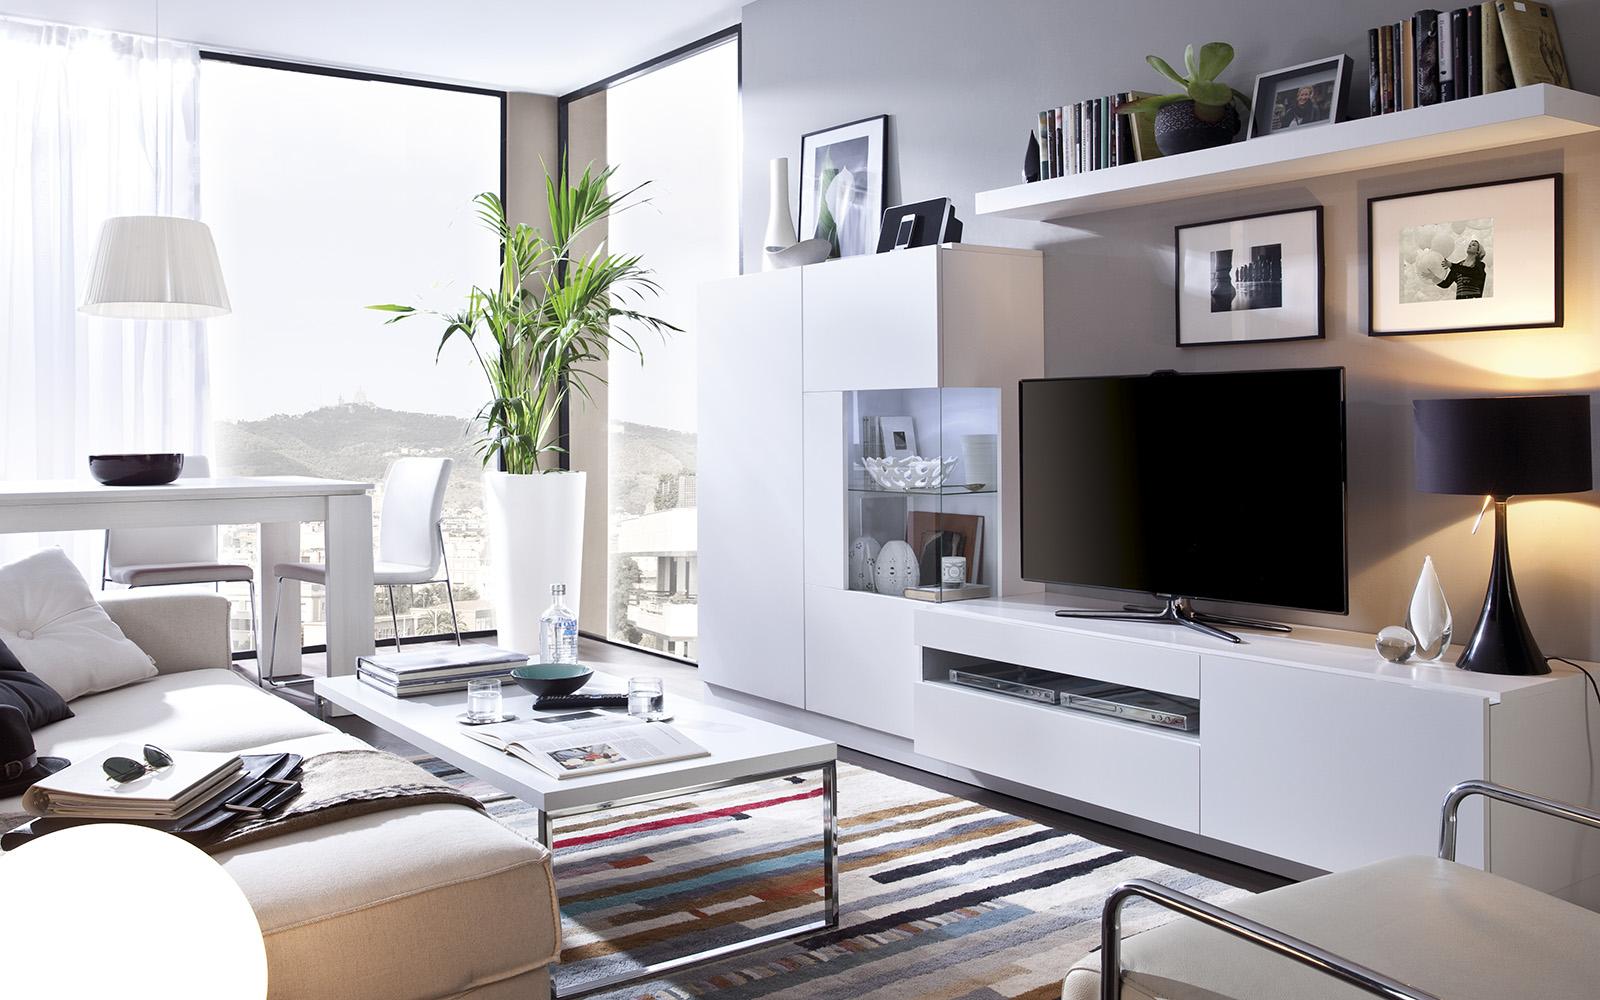 Tatat muebles a medida y m s expertos en mueble juvenil for Salon comedor minimalista